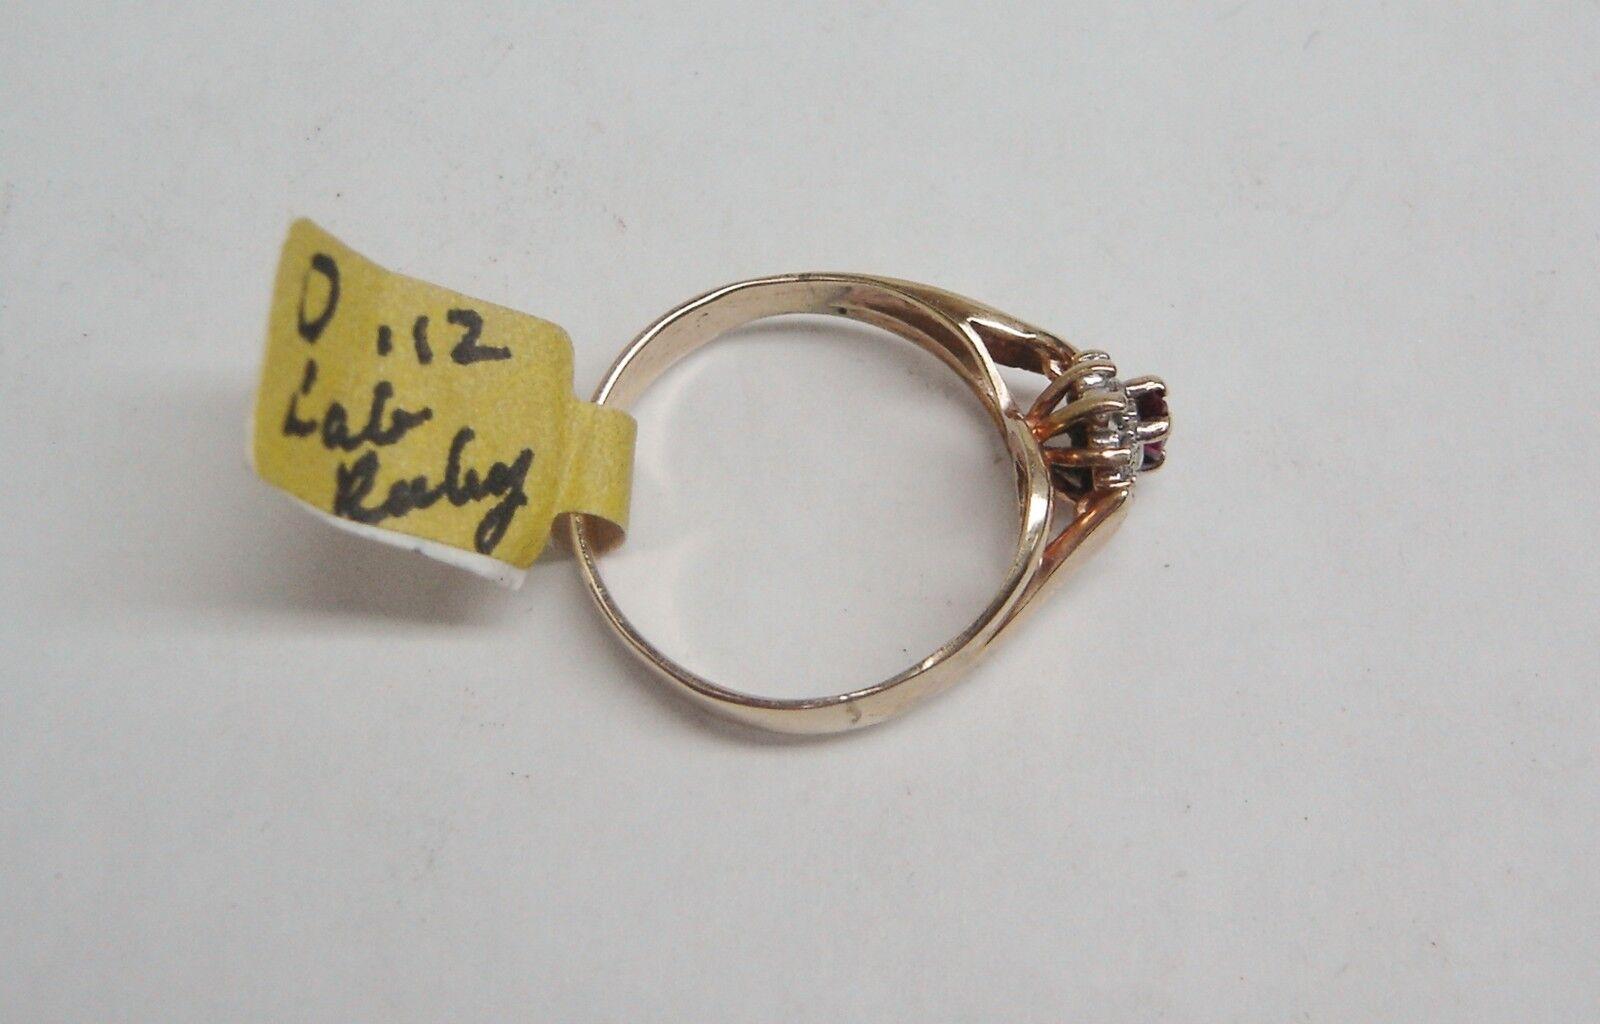 14k oro Giallo Creato Creato Creato in Laboratorio Rubino   12 Diamante 12 Tcw ) Anello faad23